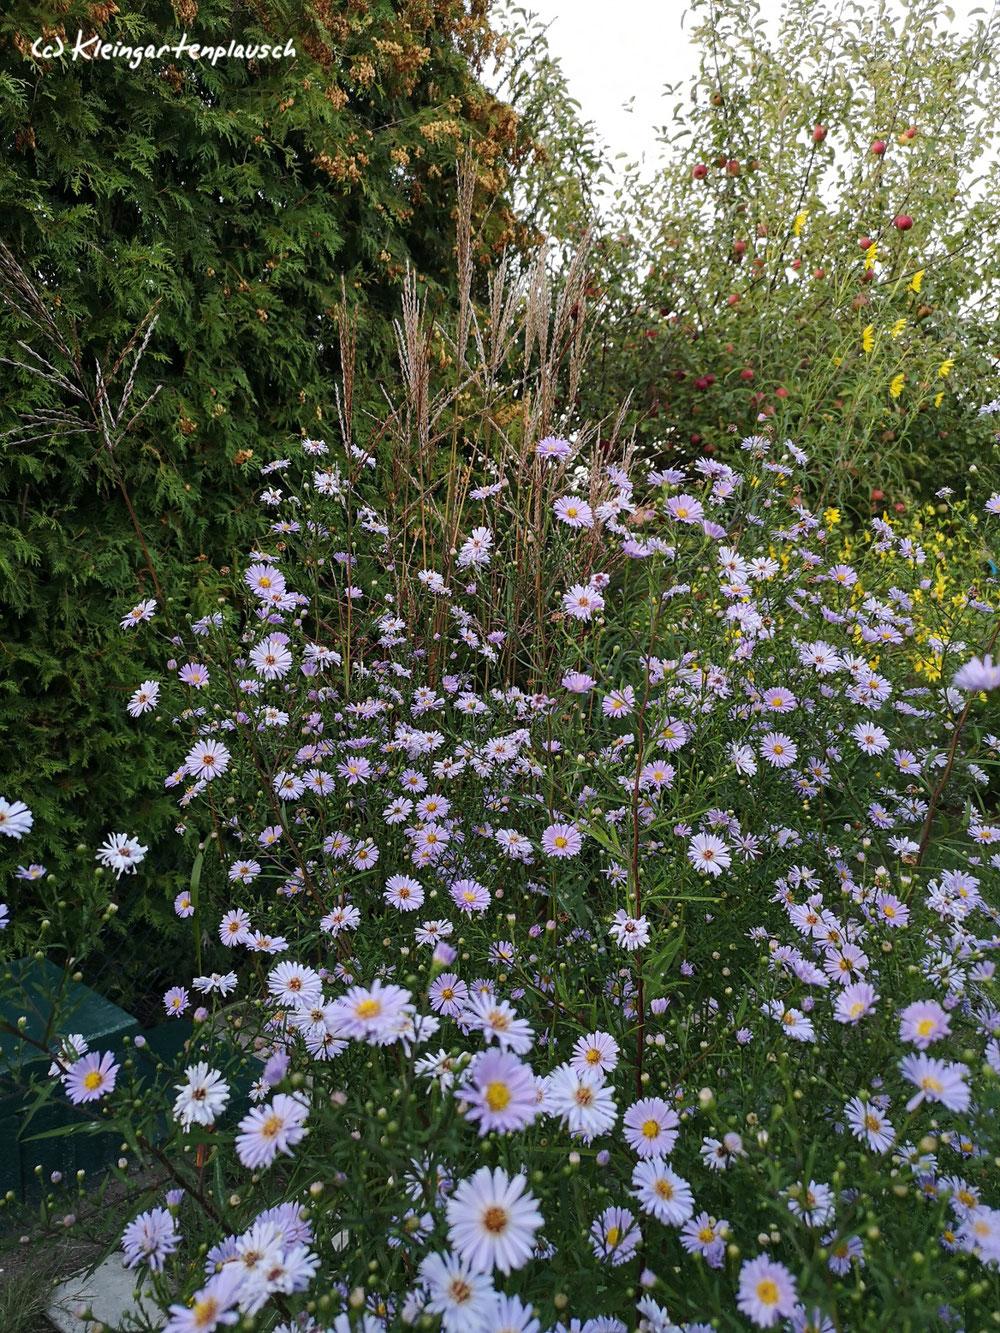 Wenn eine den Rang streitig machen kann, dann die unbekannte Garten-Wucheraster. Und die Schmetterlinge würden I h r e Stimme klar für s i e abgeben....